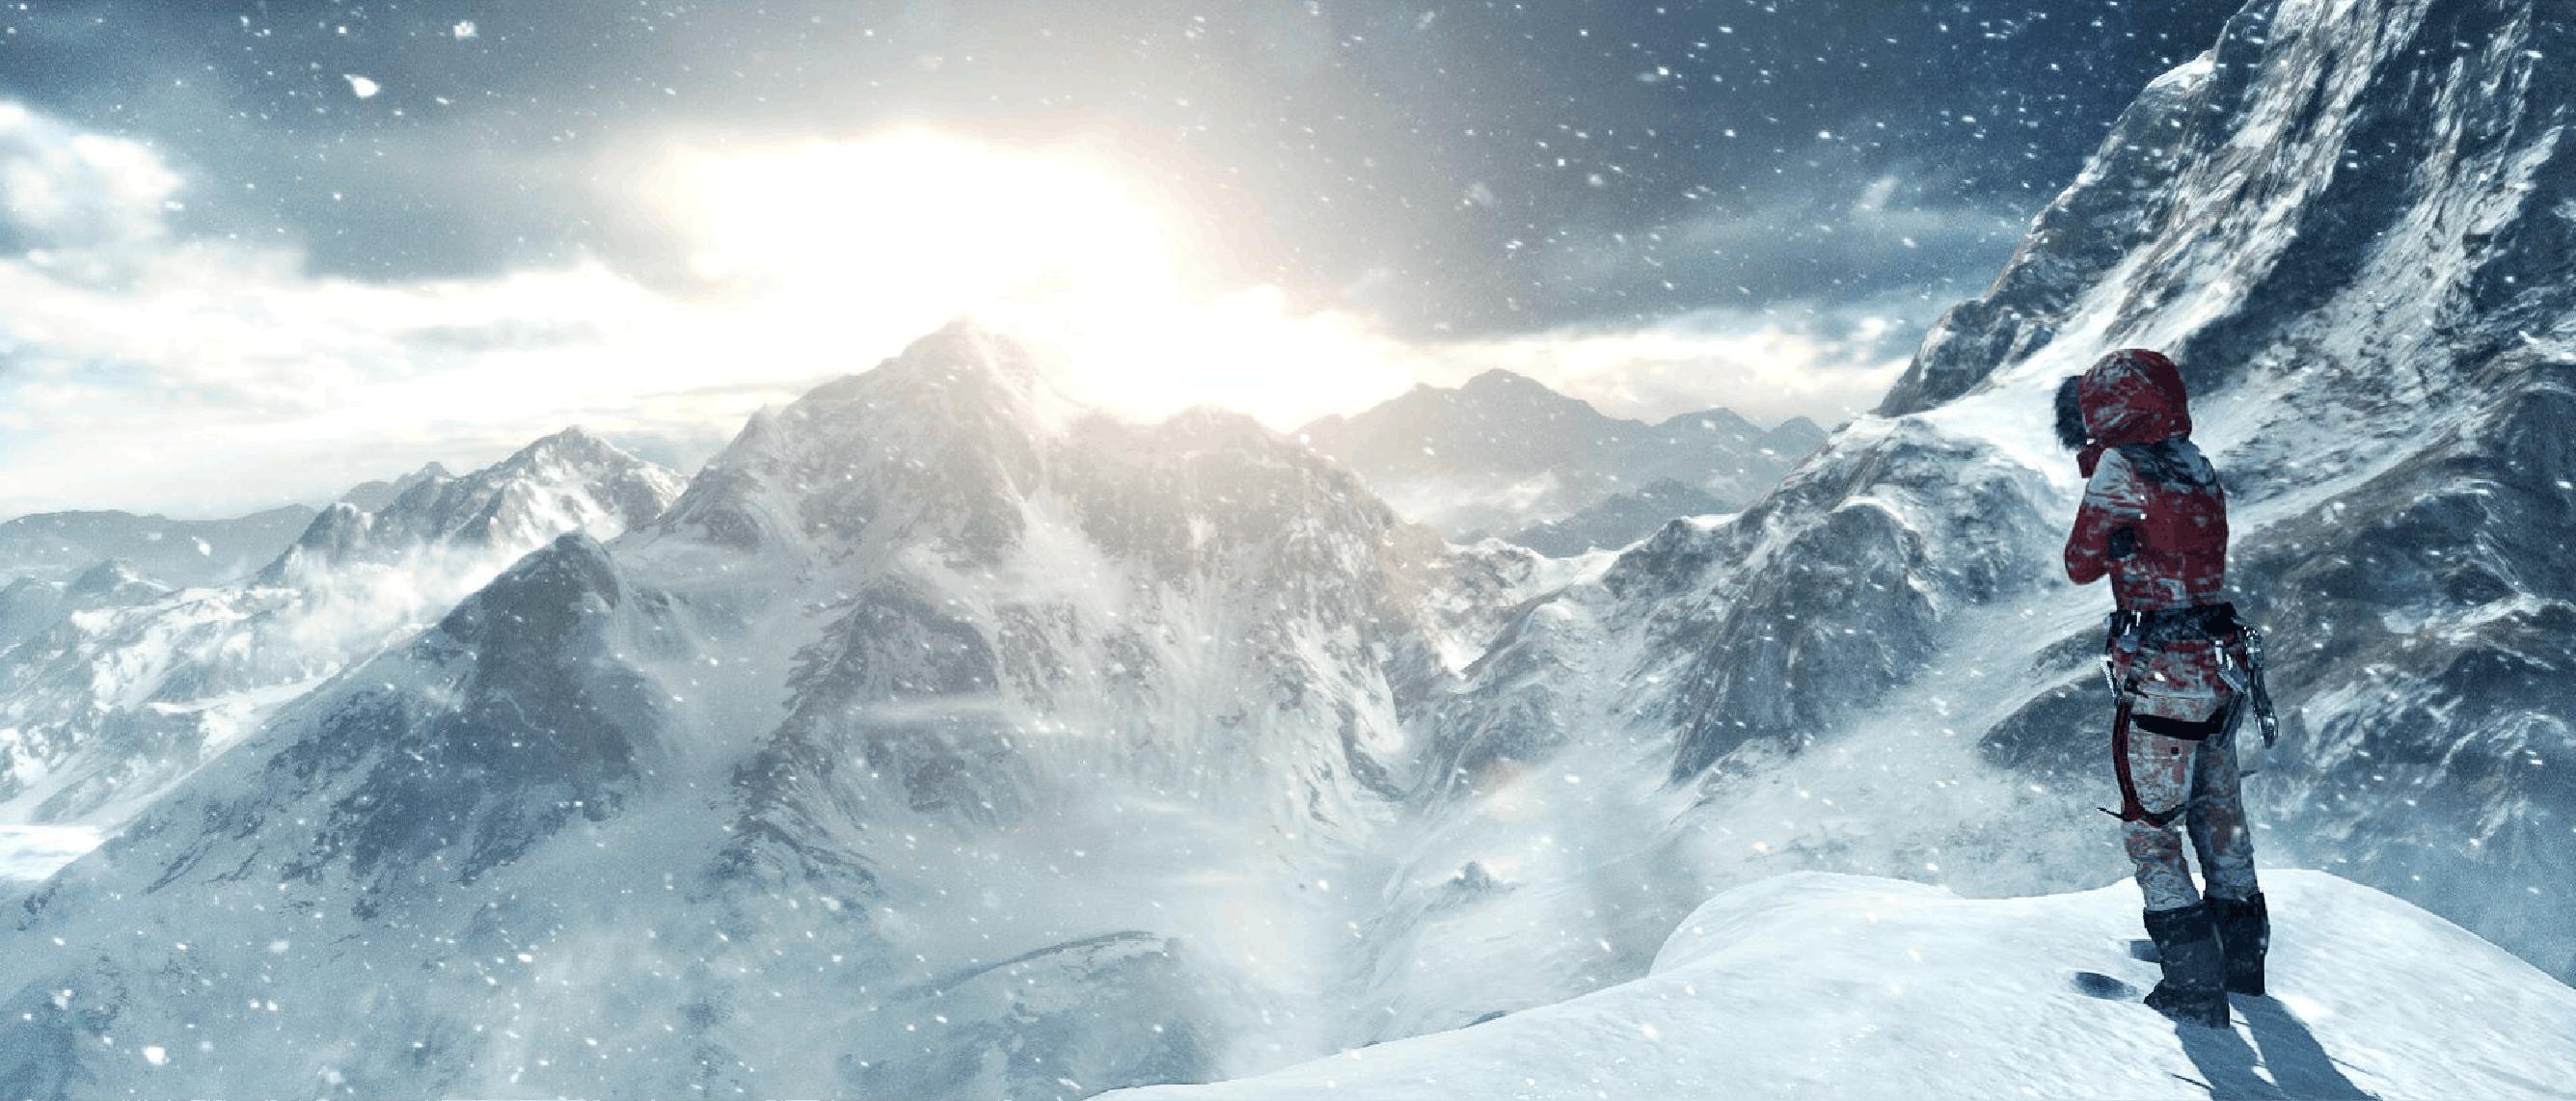 Zieht Euch warm an: 3 Schnee-Level in Videospielen